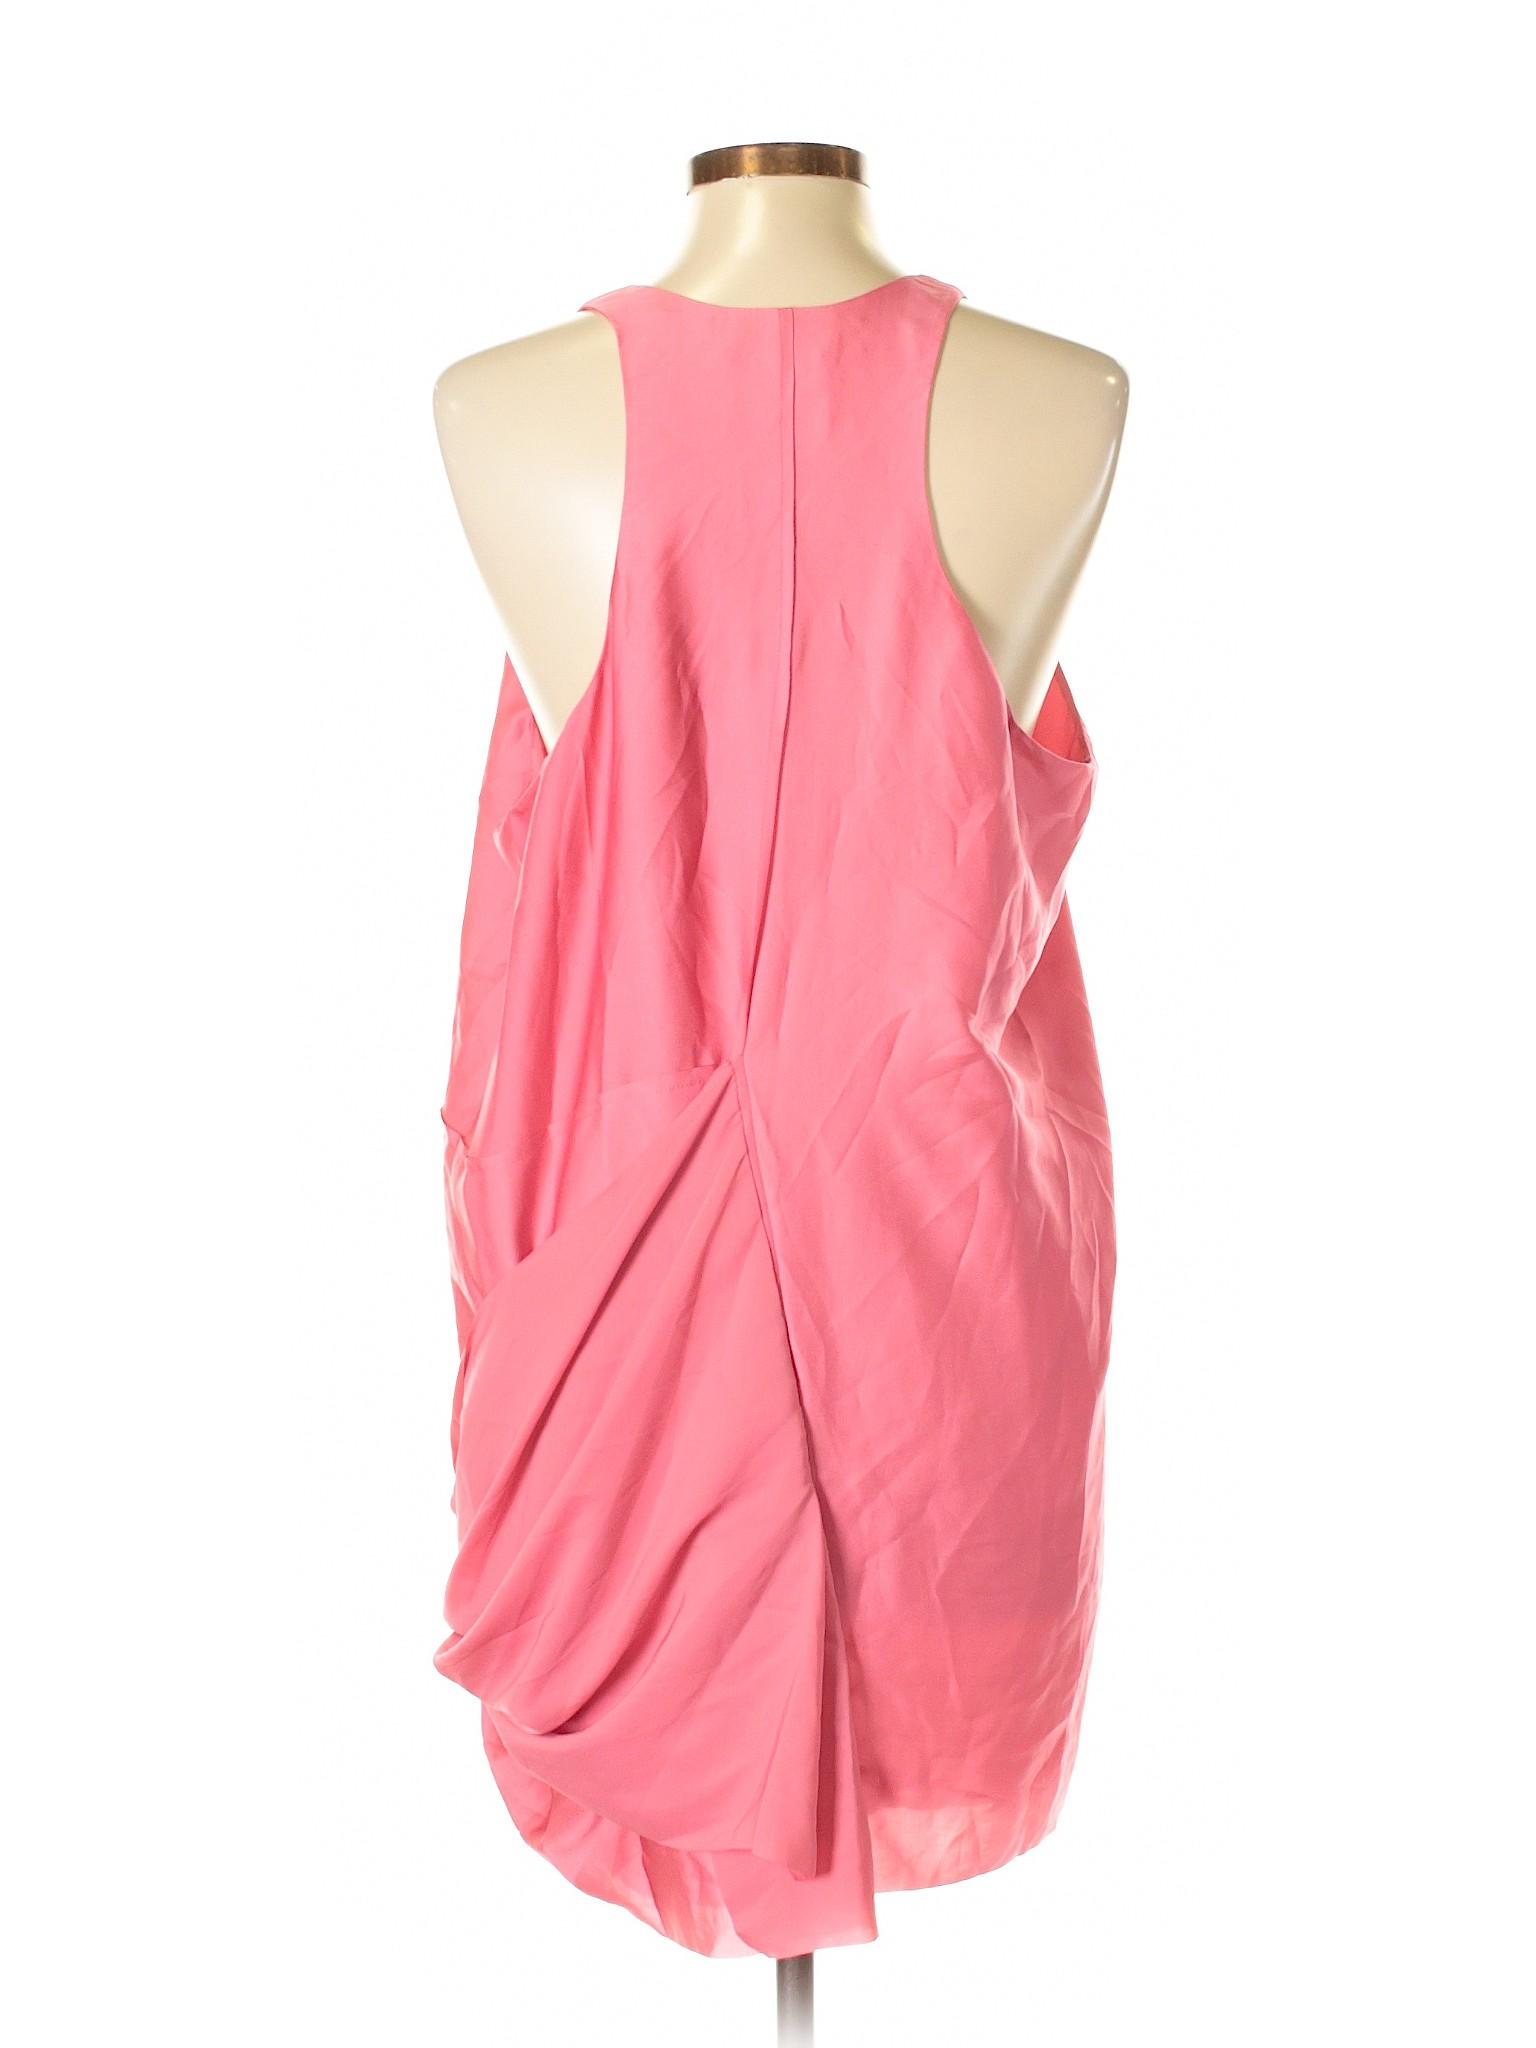 Boutique Dress winter Casual winter Acne Boutique aqH6wa8